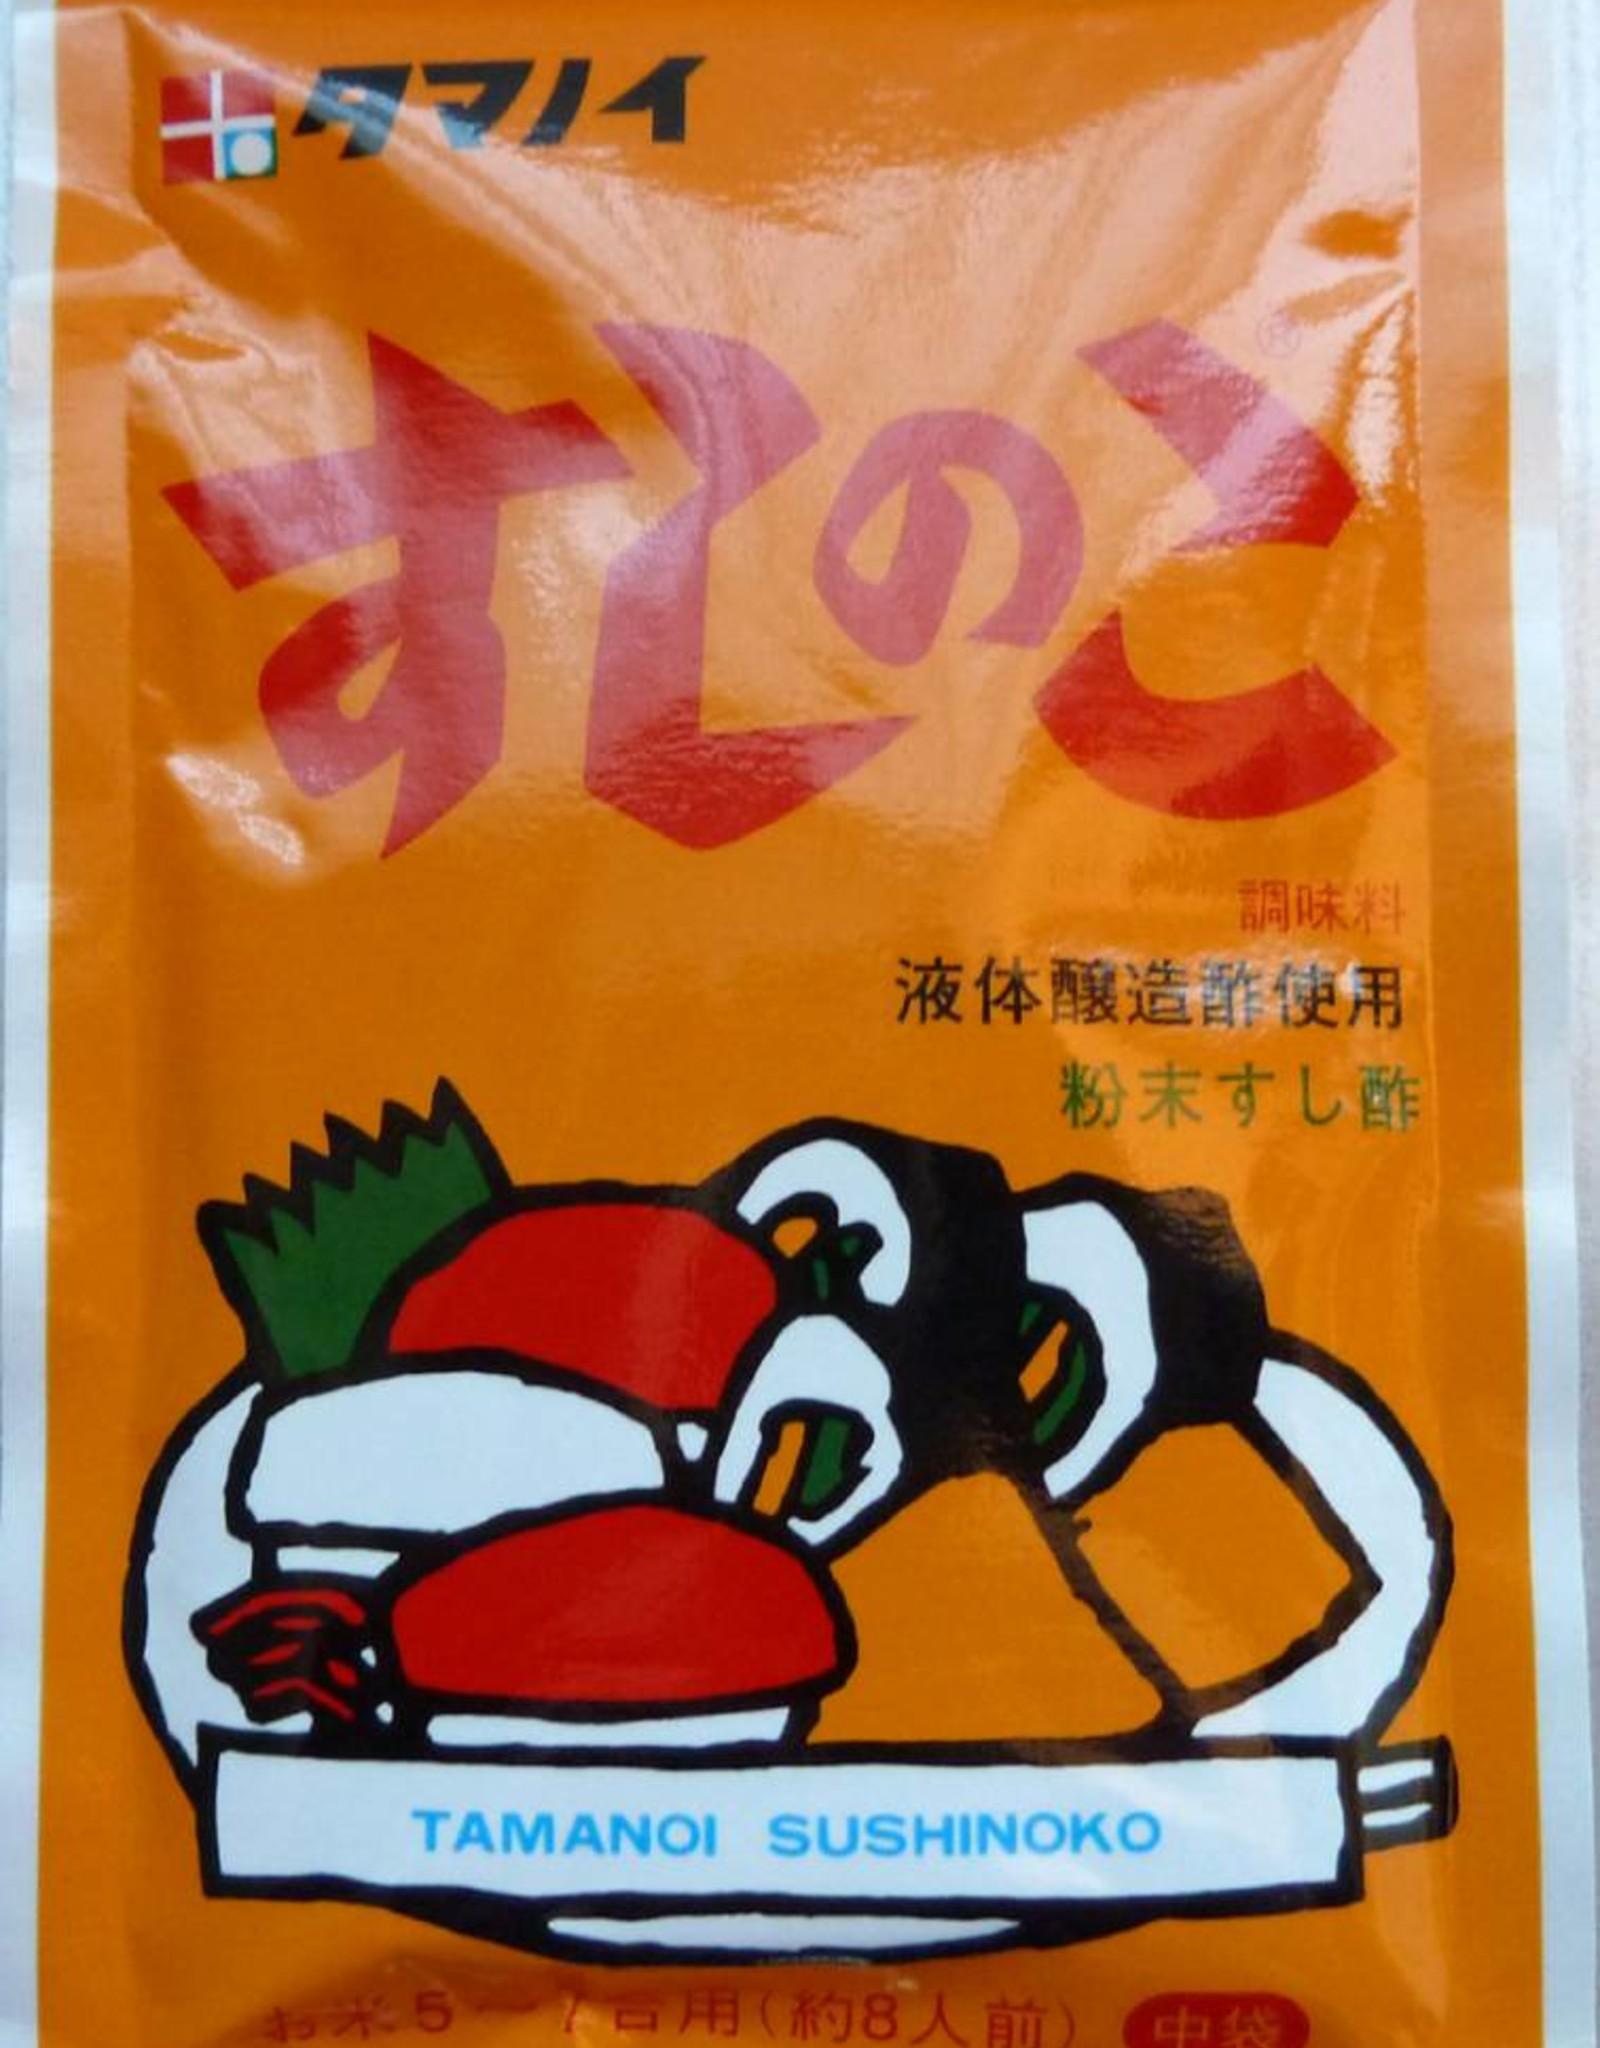 Sushi azijn poeder (Tamanoi Sushinoko)